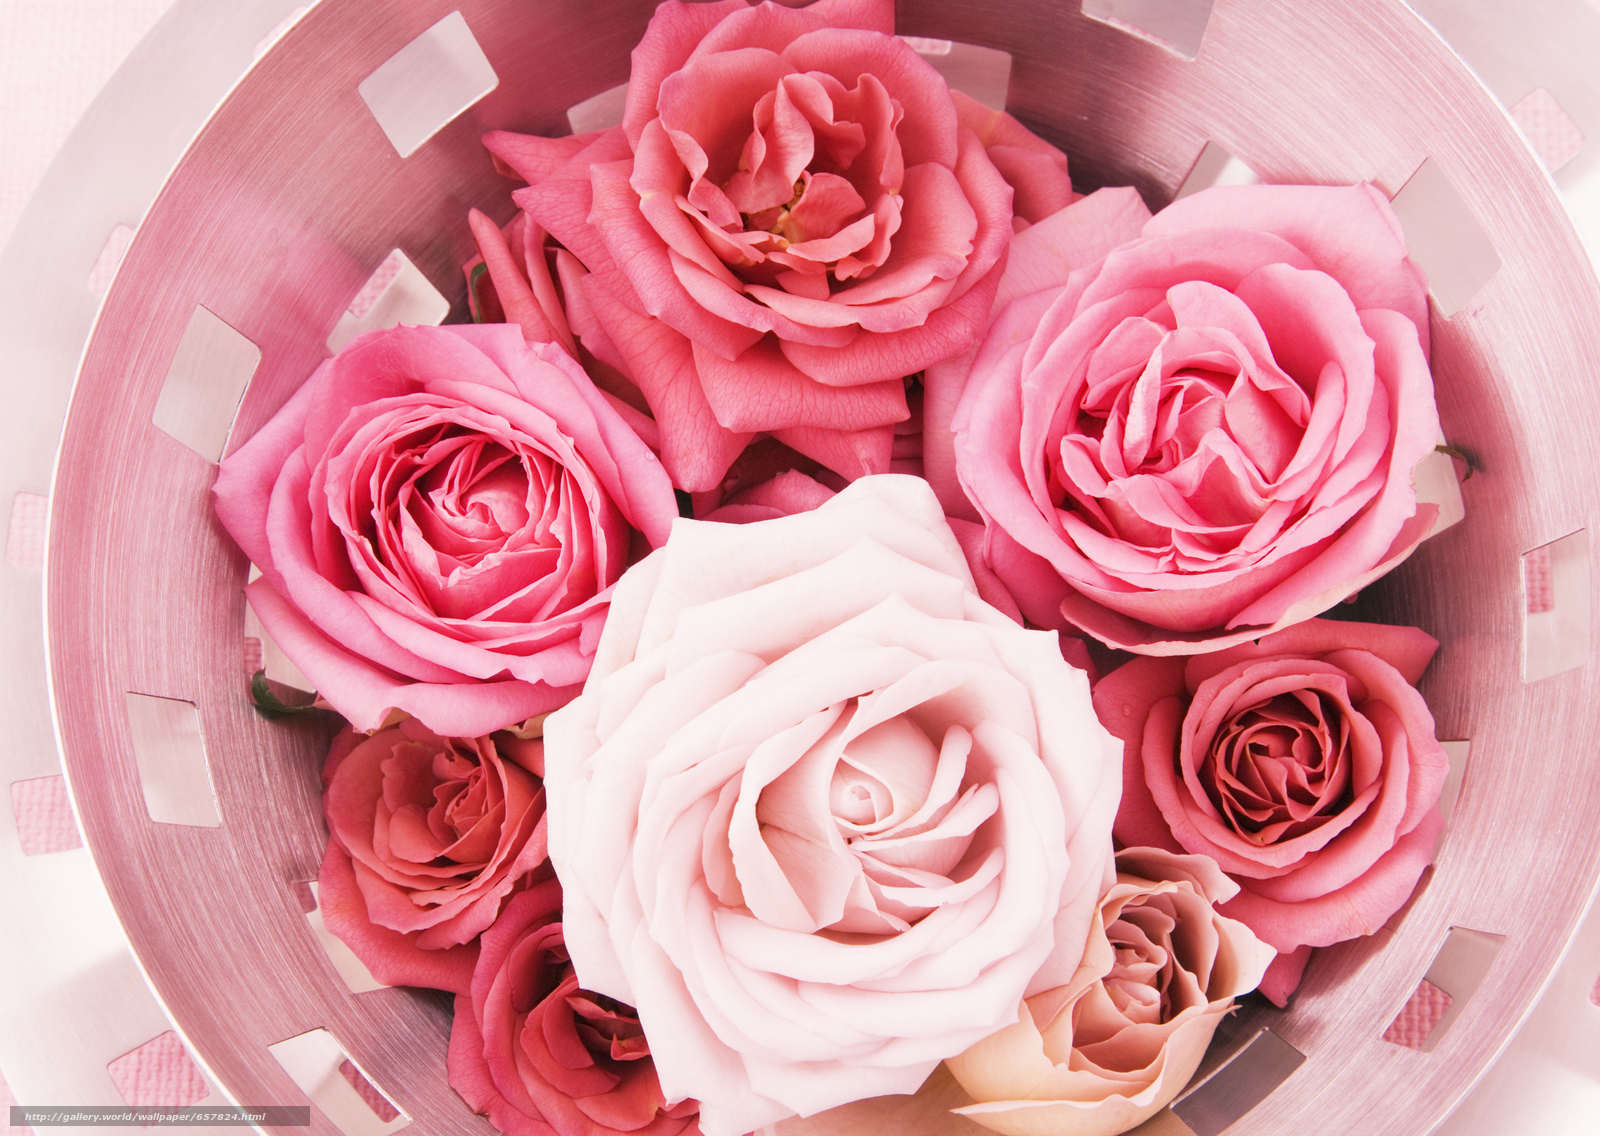 Скачать обои цветы,  цветок,  роза,  розы бесплатно для рабочего стола в разрешении 2950x2094 — картинка №657824